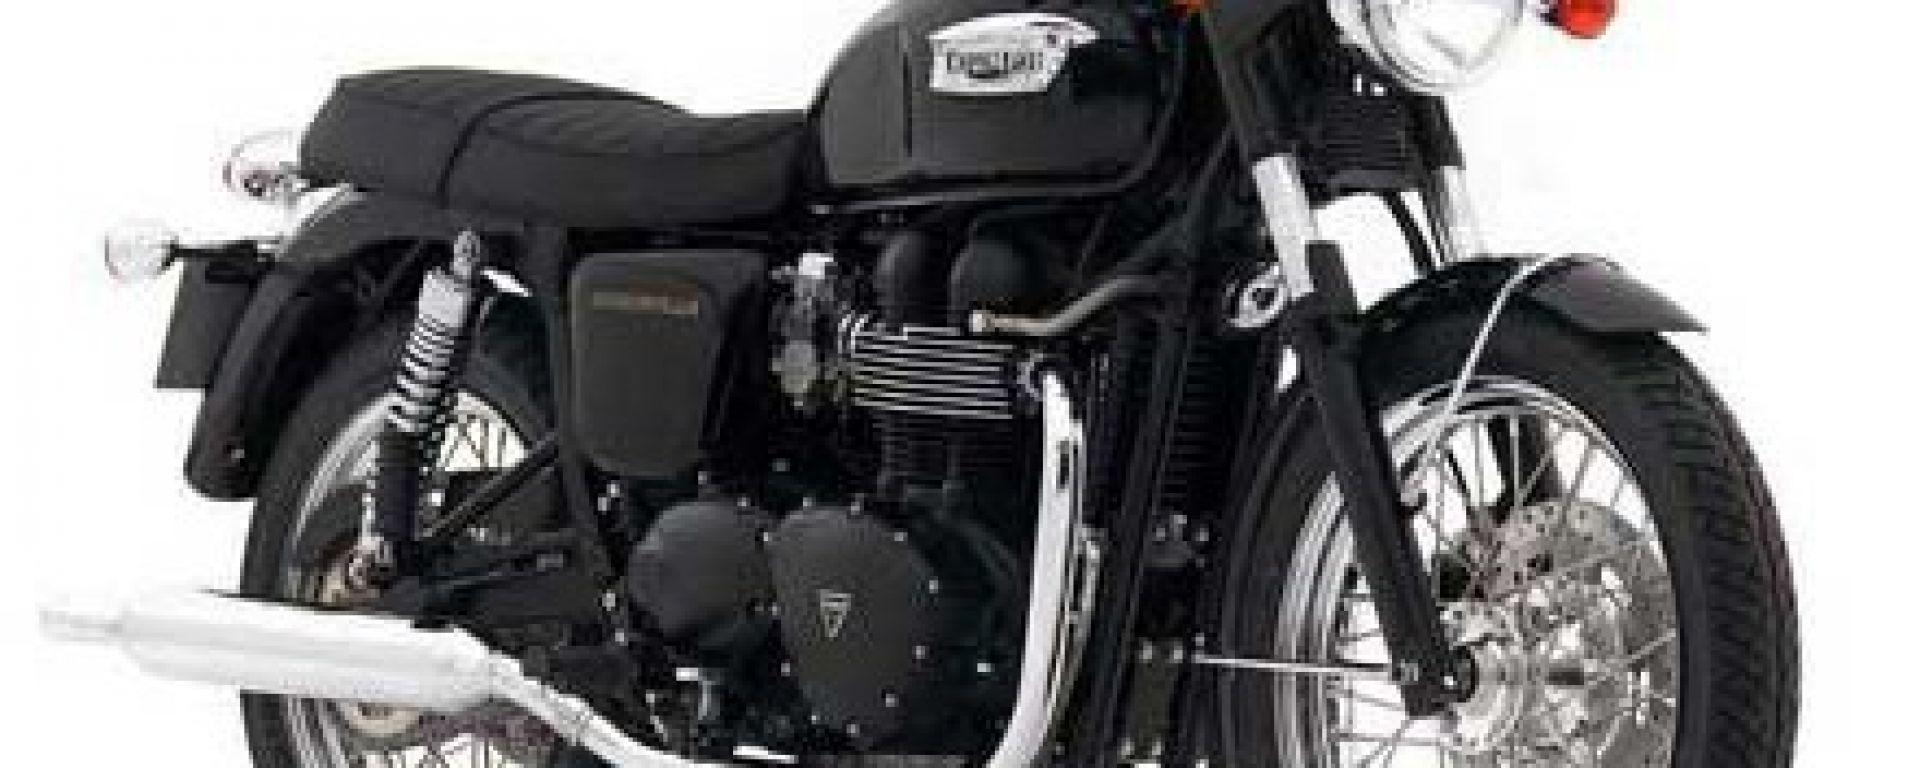 Triumph e Bitubo partner sul modello Bonneville